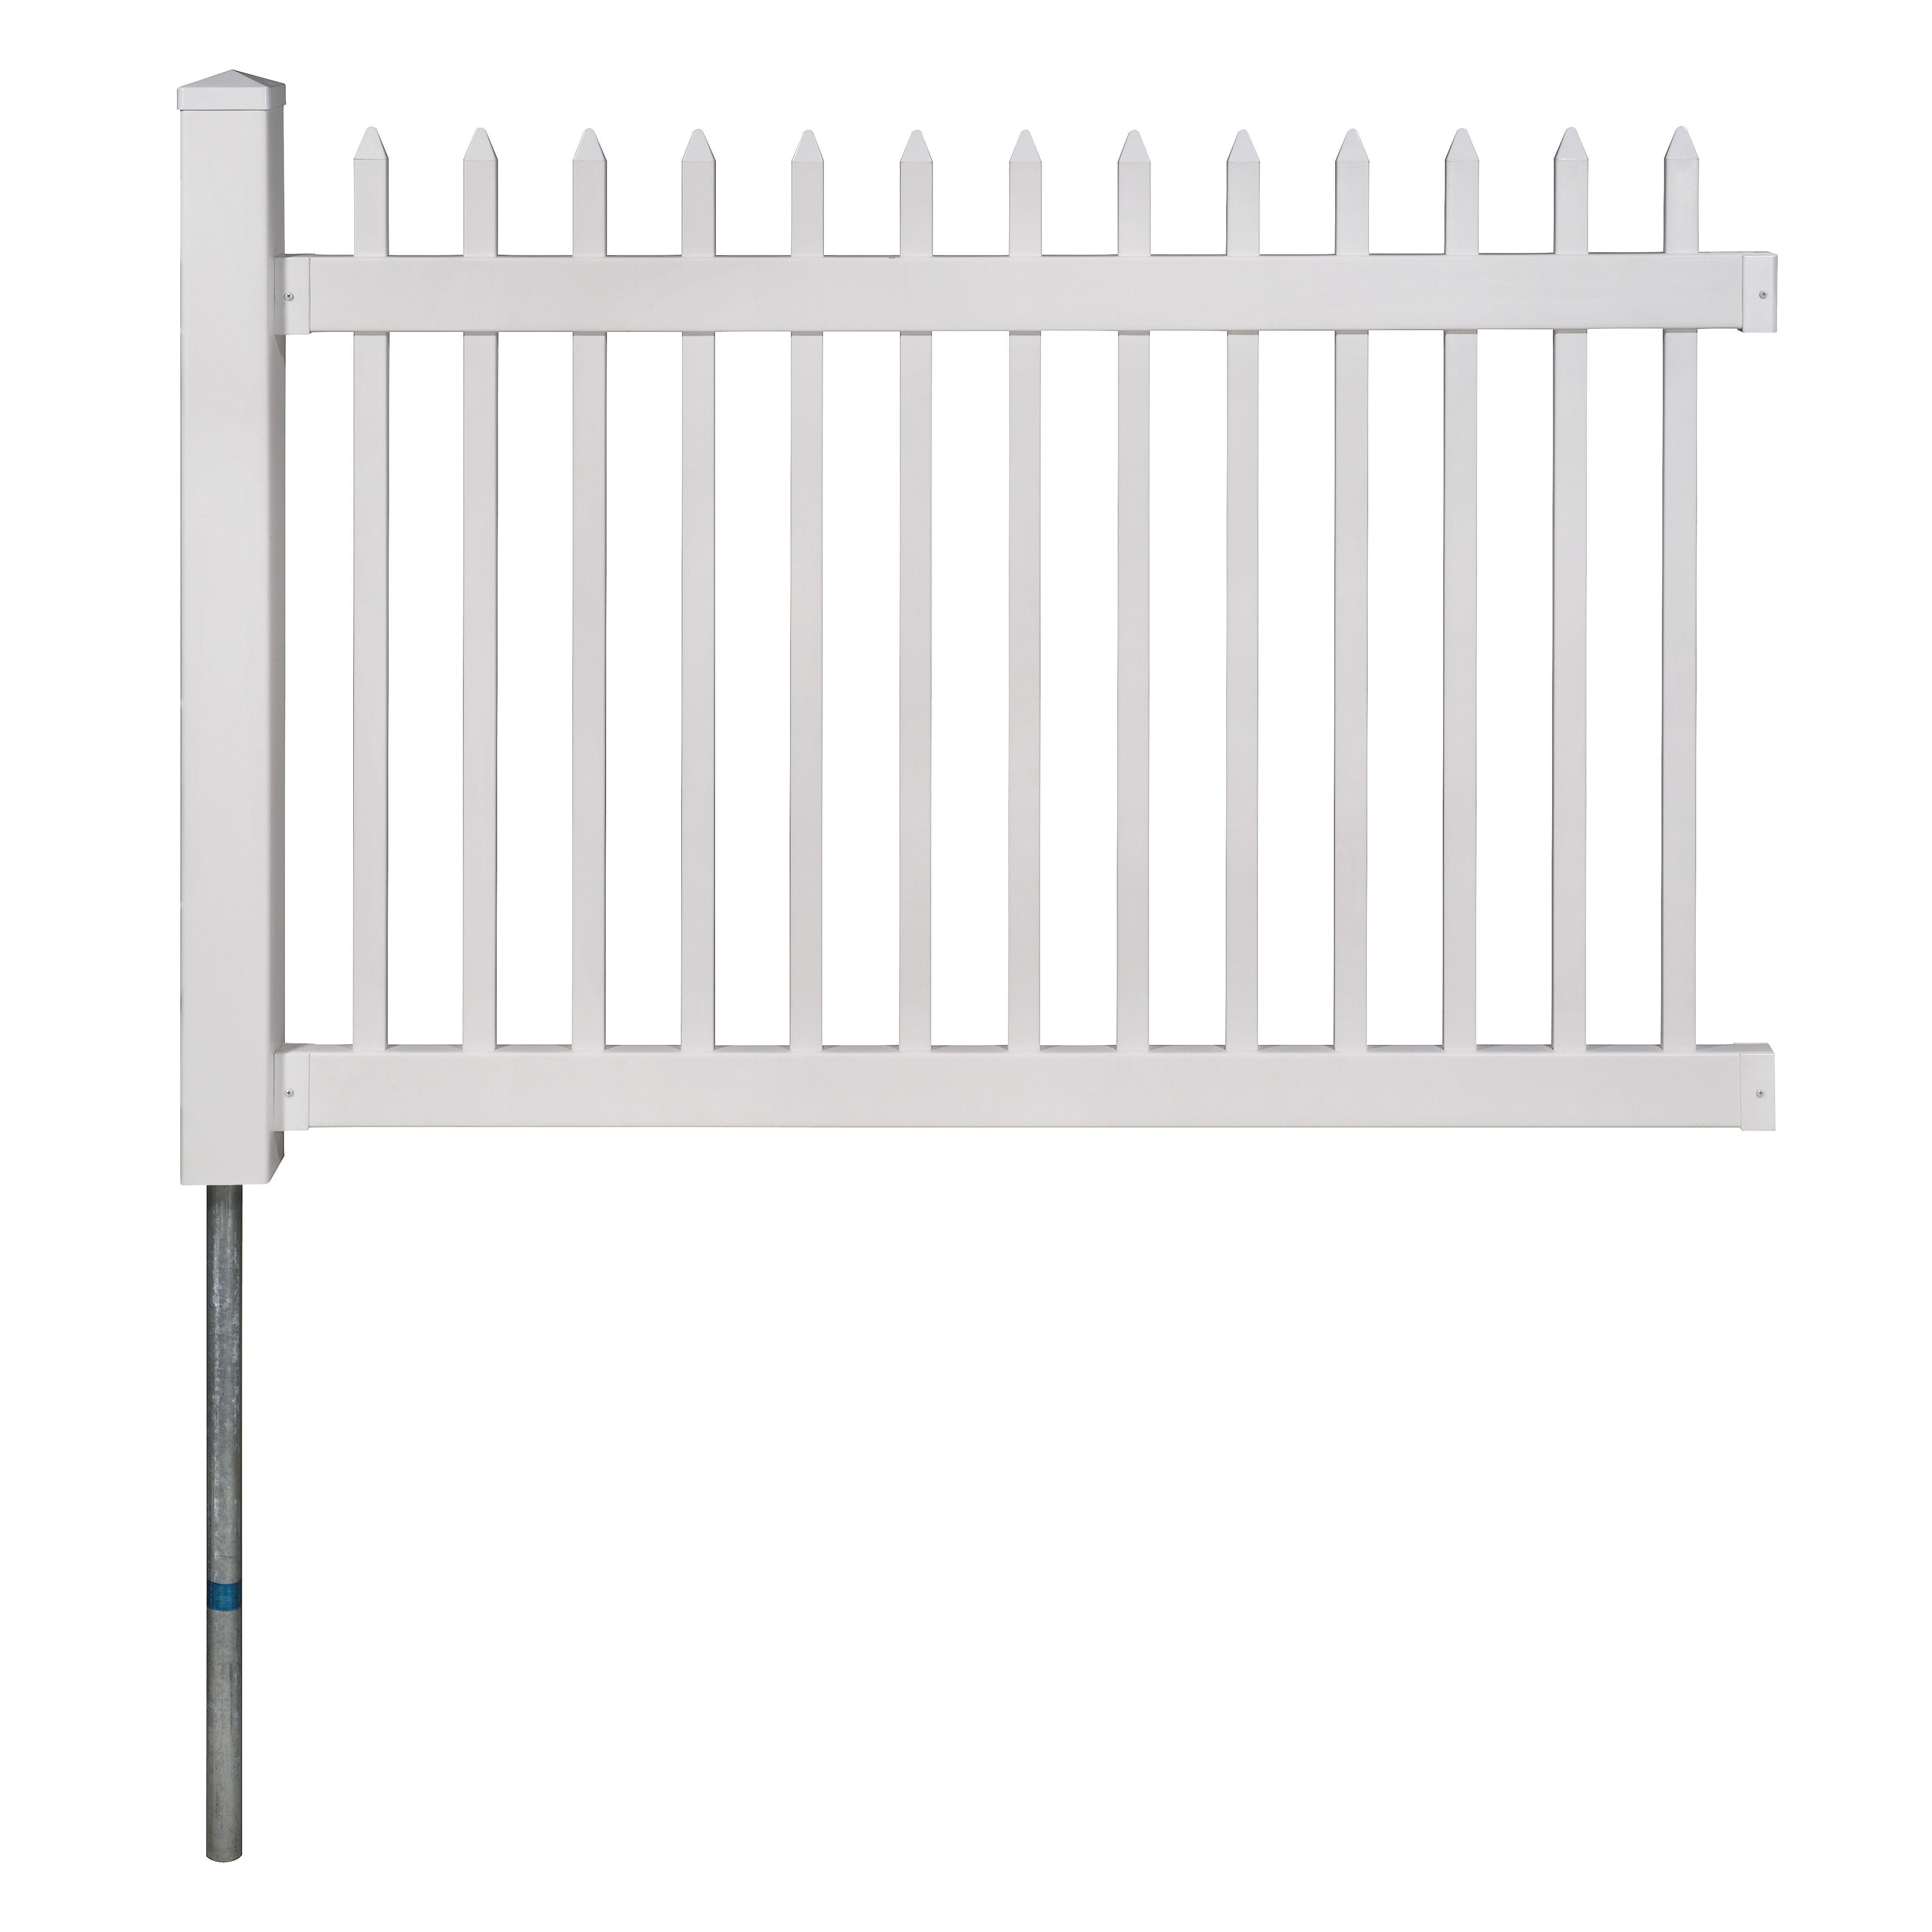 4 Ft H X 6 Ft W Nantucket Fence Fence Panels Vinyl Fence Vinyl Picket Fence